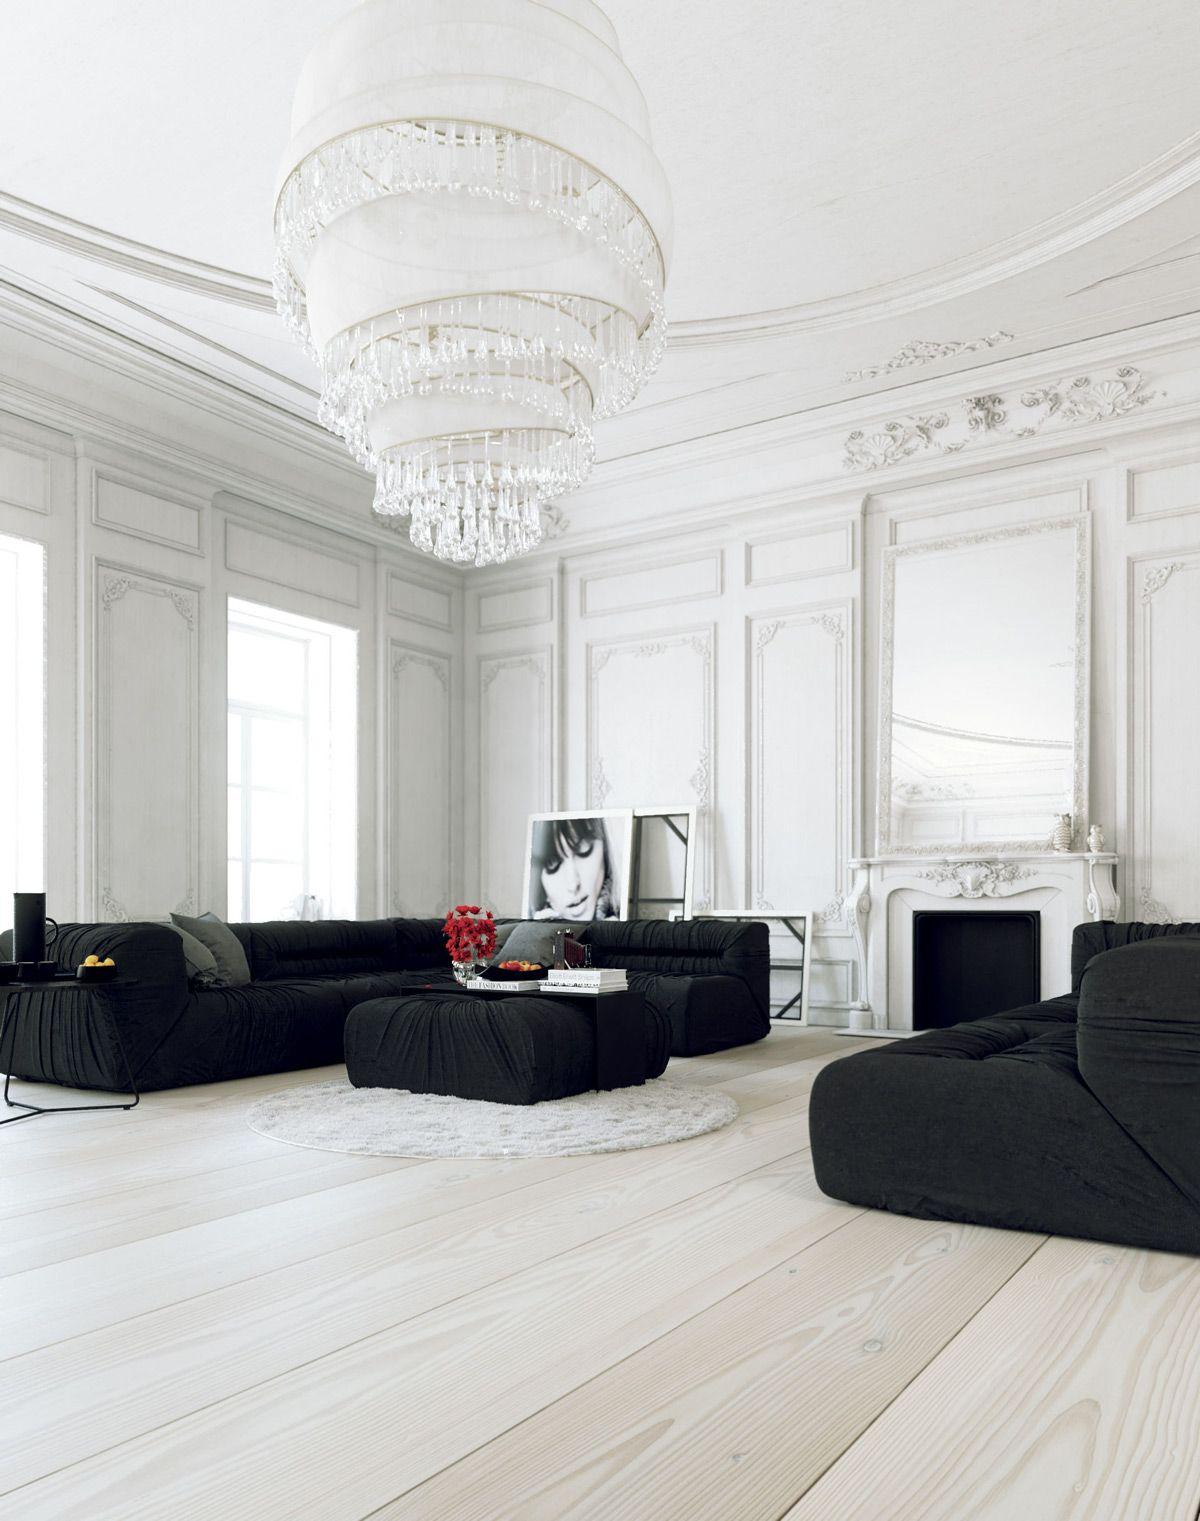 Uns zu hause innenarchitektur allwhite interior design tipps mit beispielbildern um ihnen zu